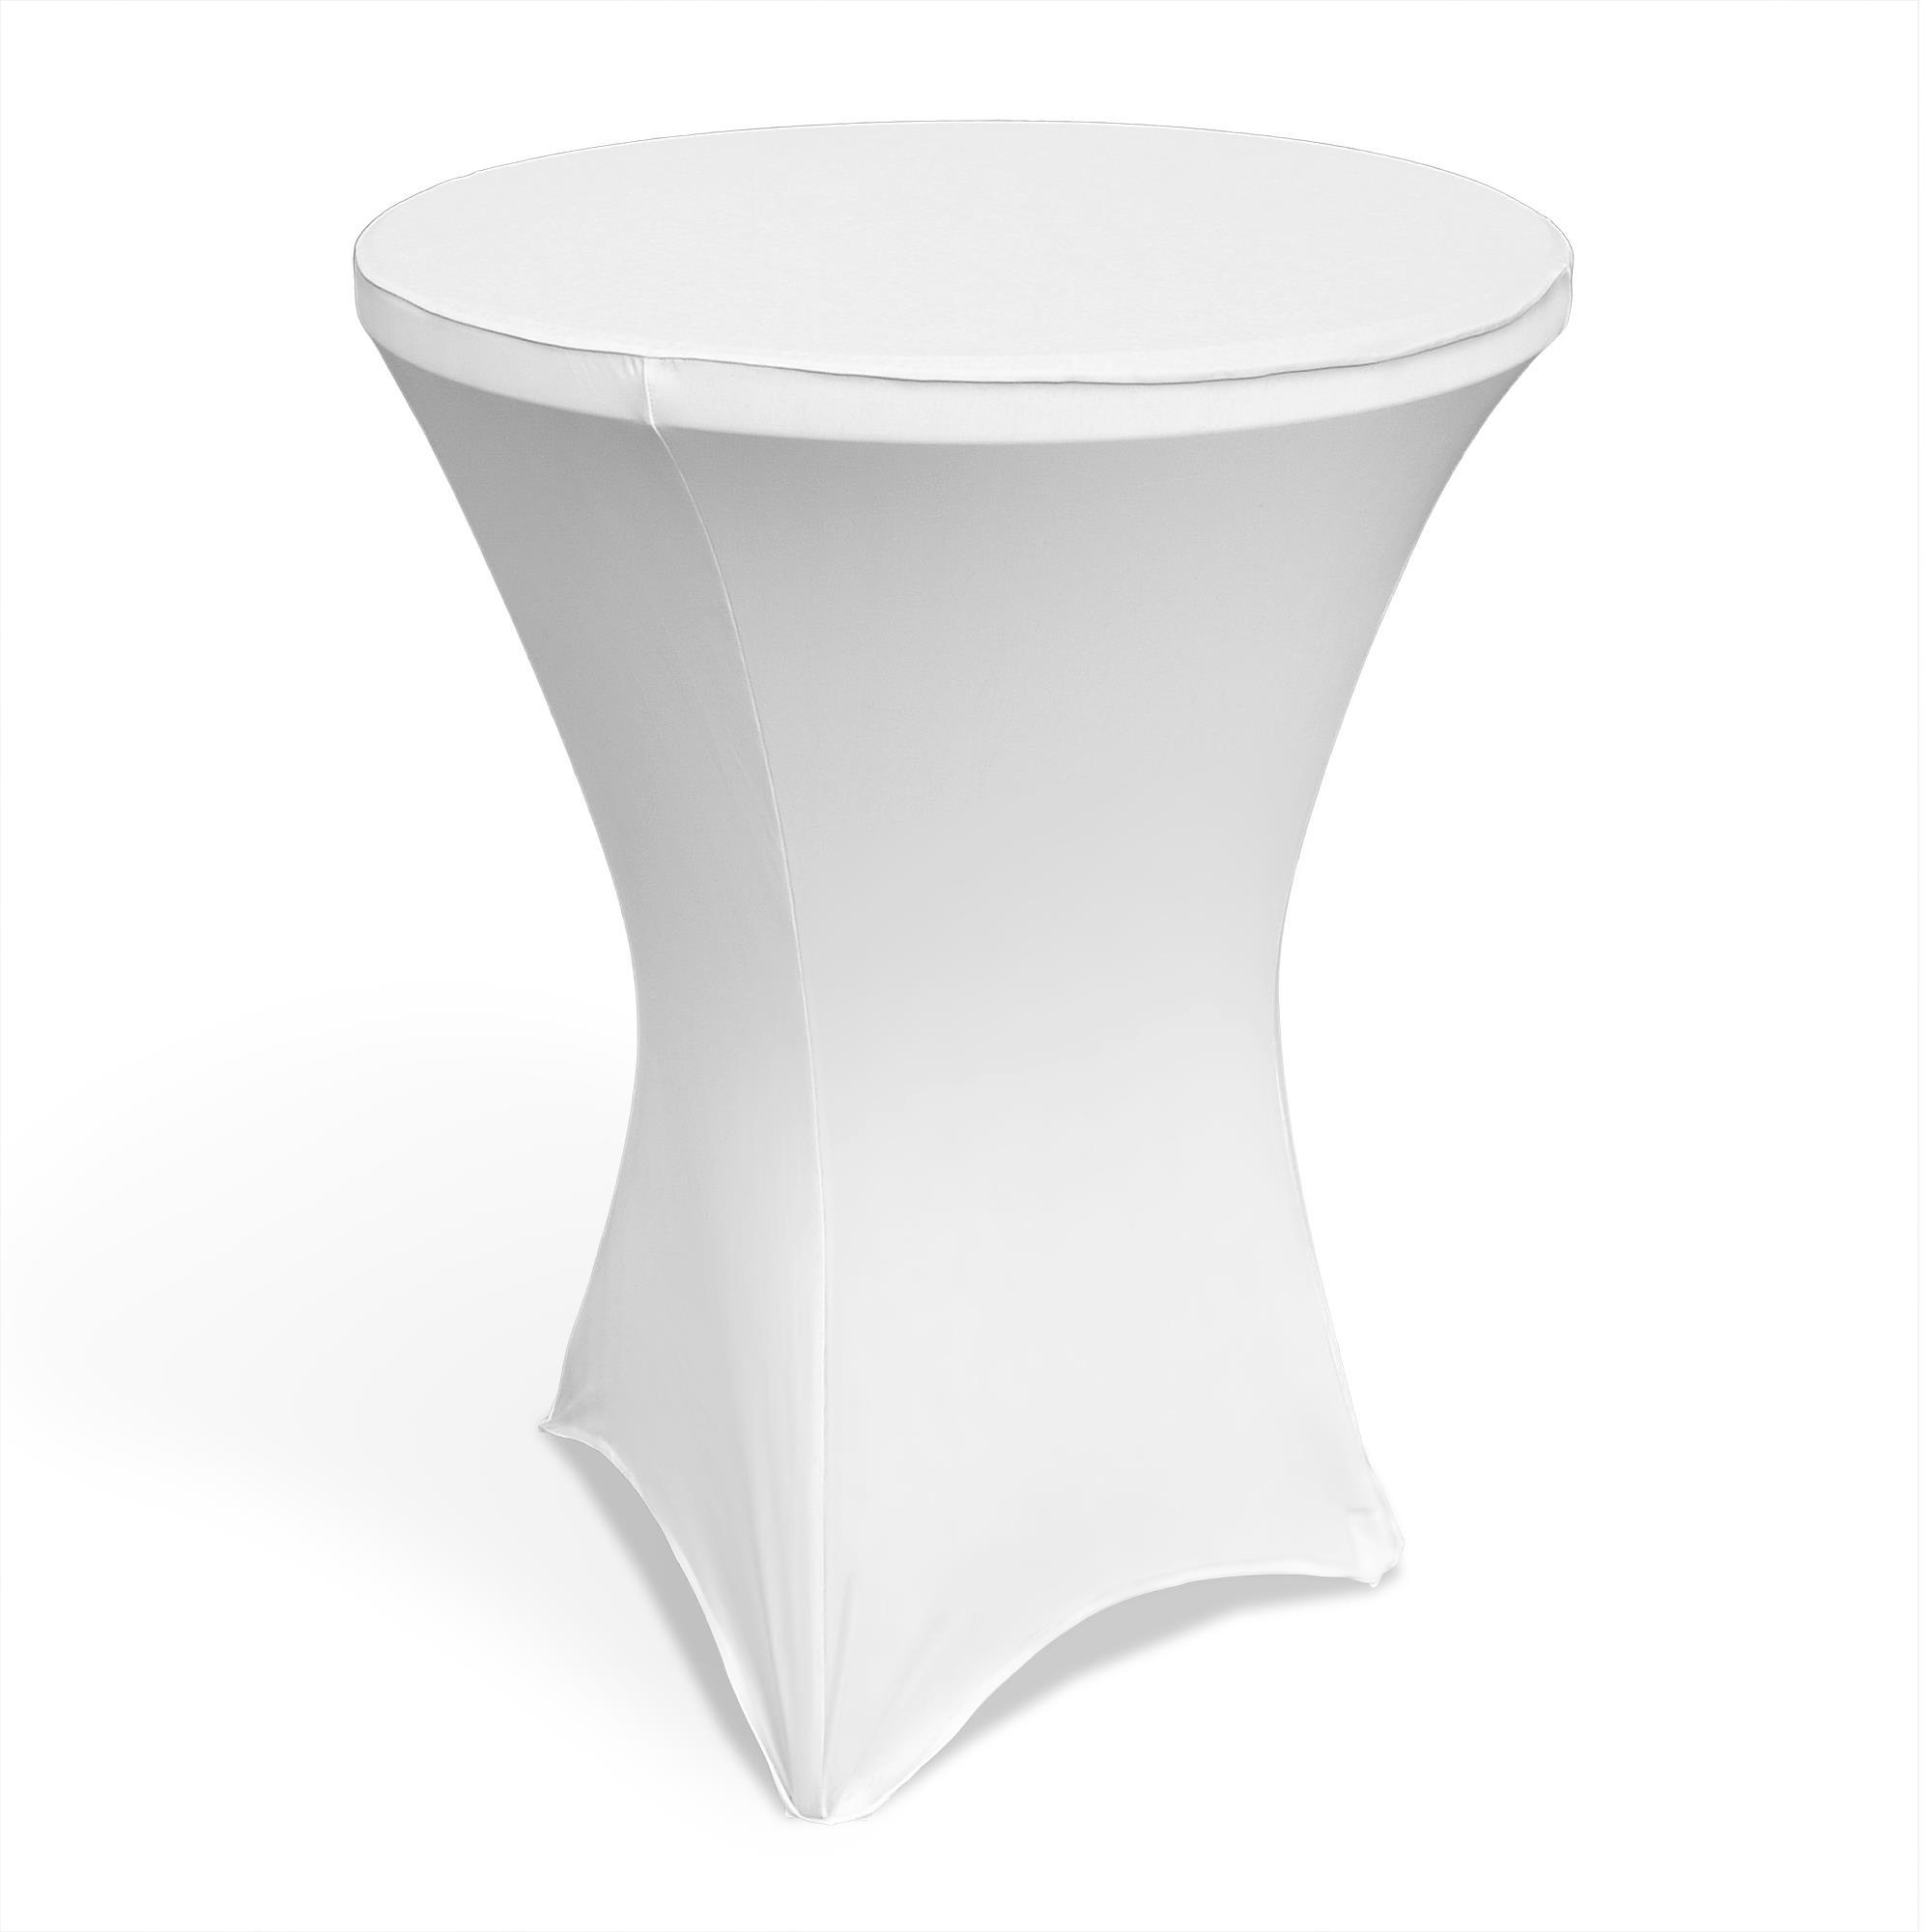 stehtischhusse stehtisch hussen bistrotisch husse stehtischhussen tischdecke ebay. Black Bedroom Furniture Sets. Home Design Ideas